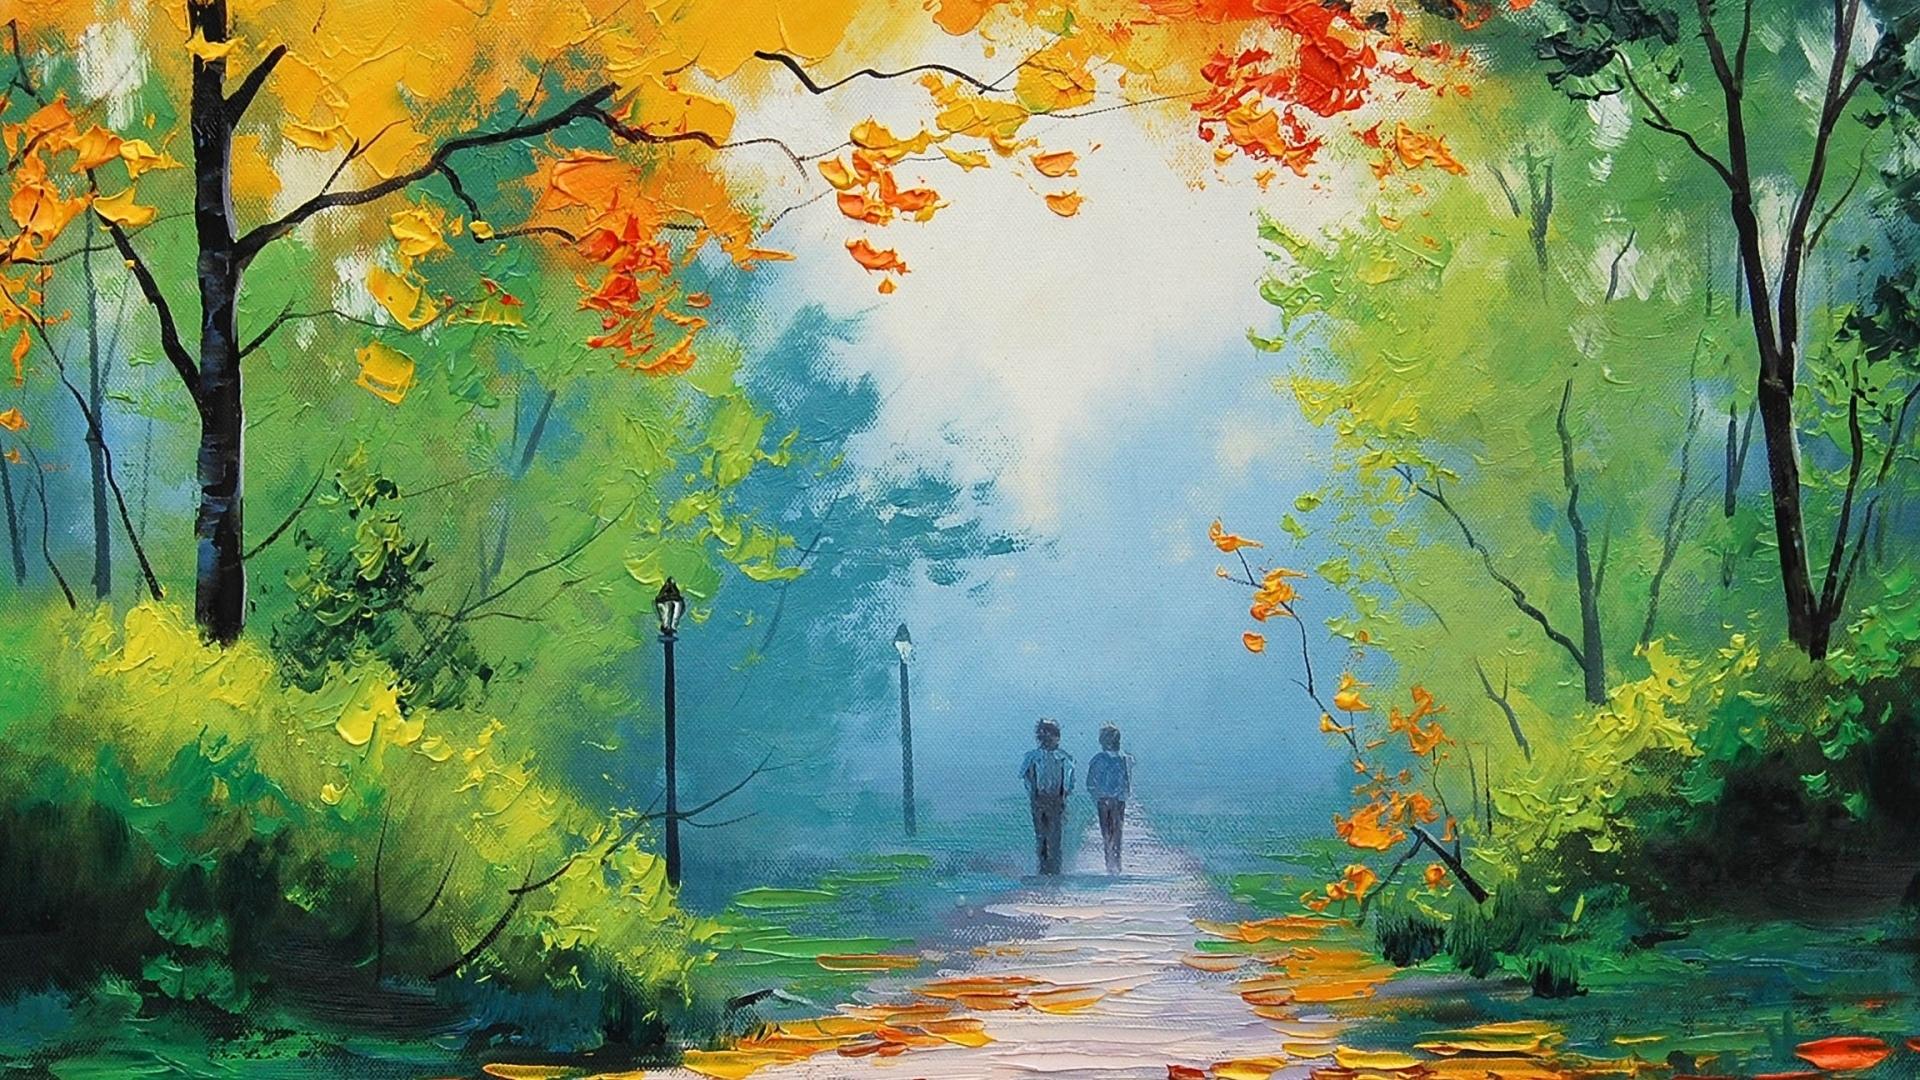 Peinture_Automne_balade_-_1920x1080.jpg